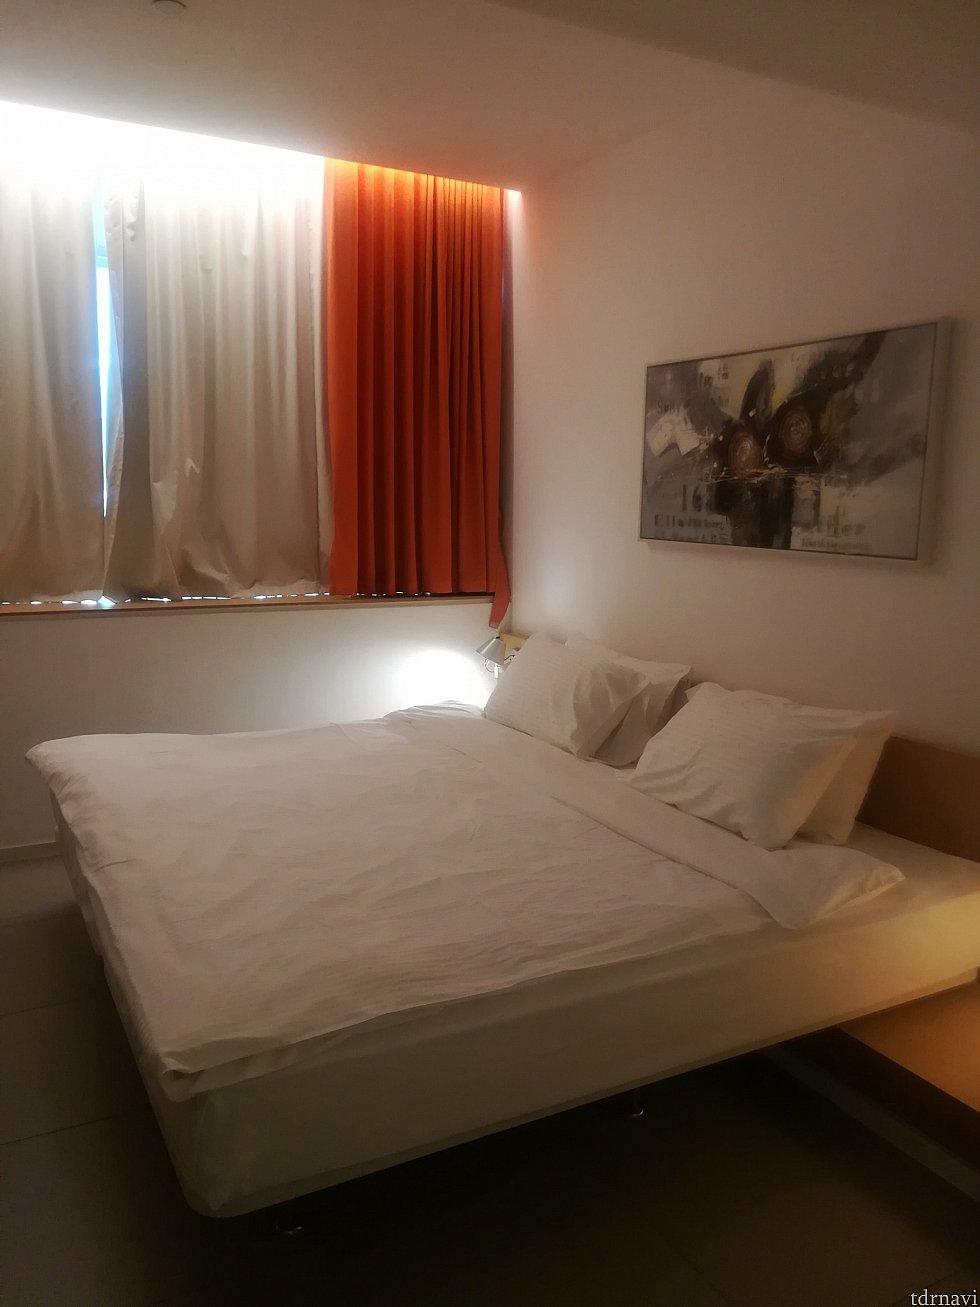 広いベット…と思いきやシングルベッド2連結…